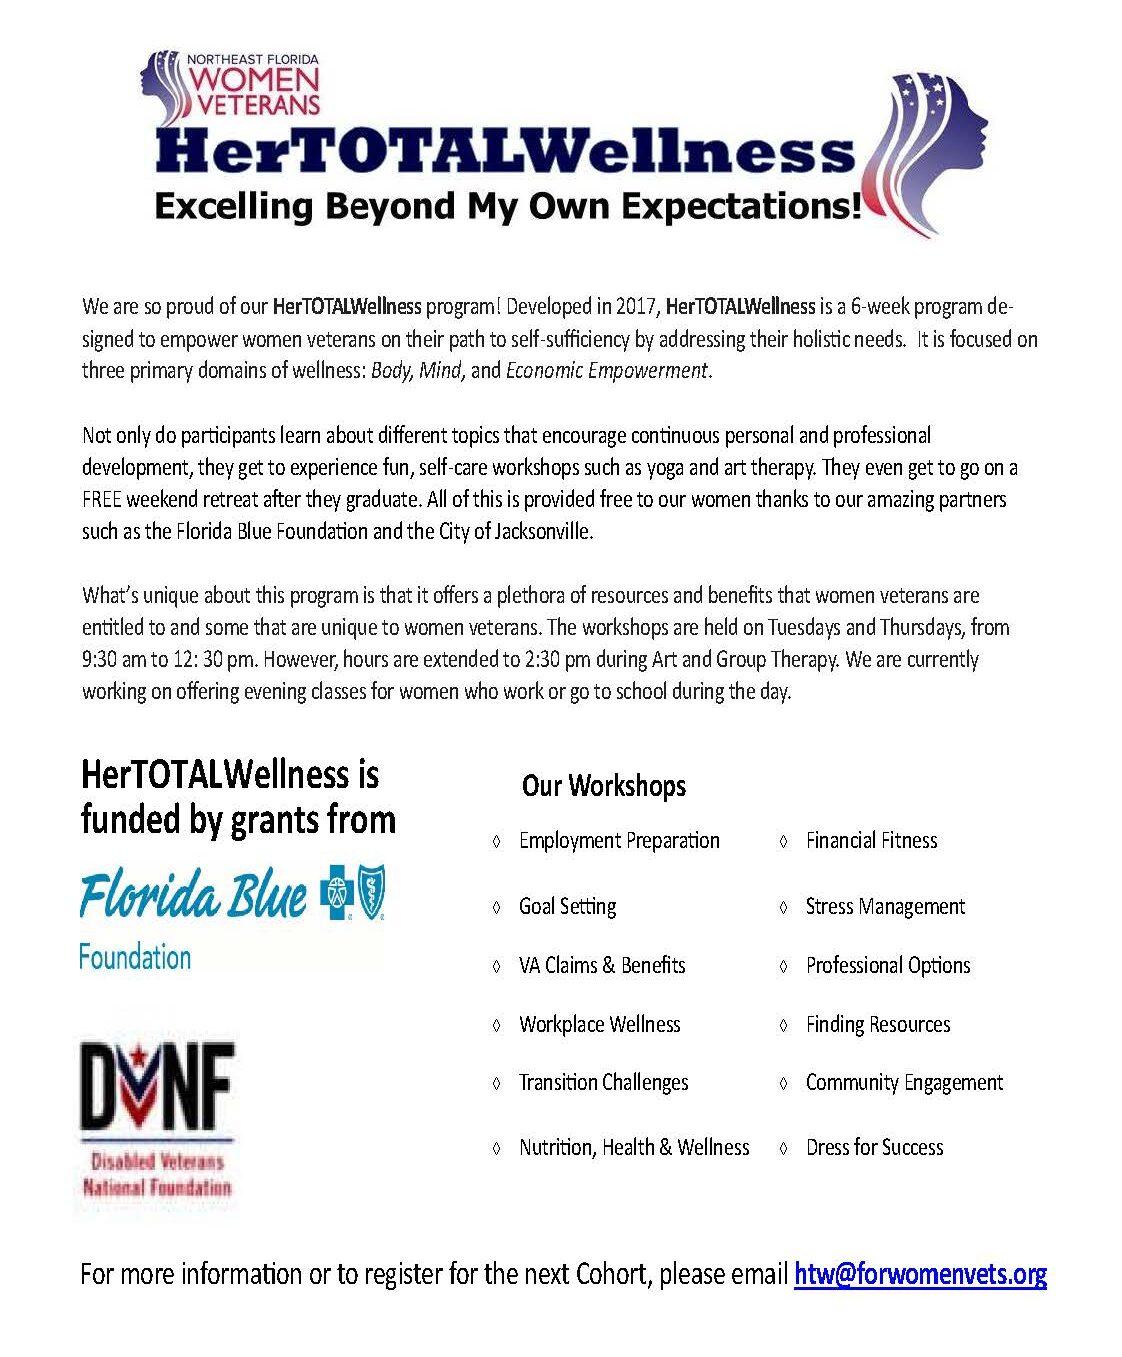 HerTOTALwellness